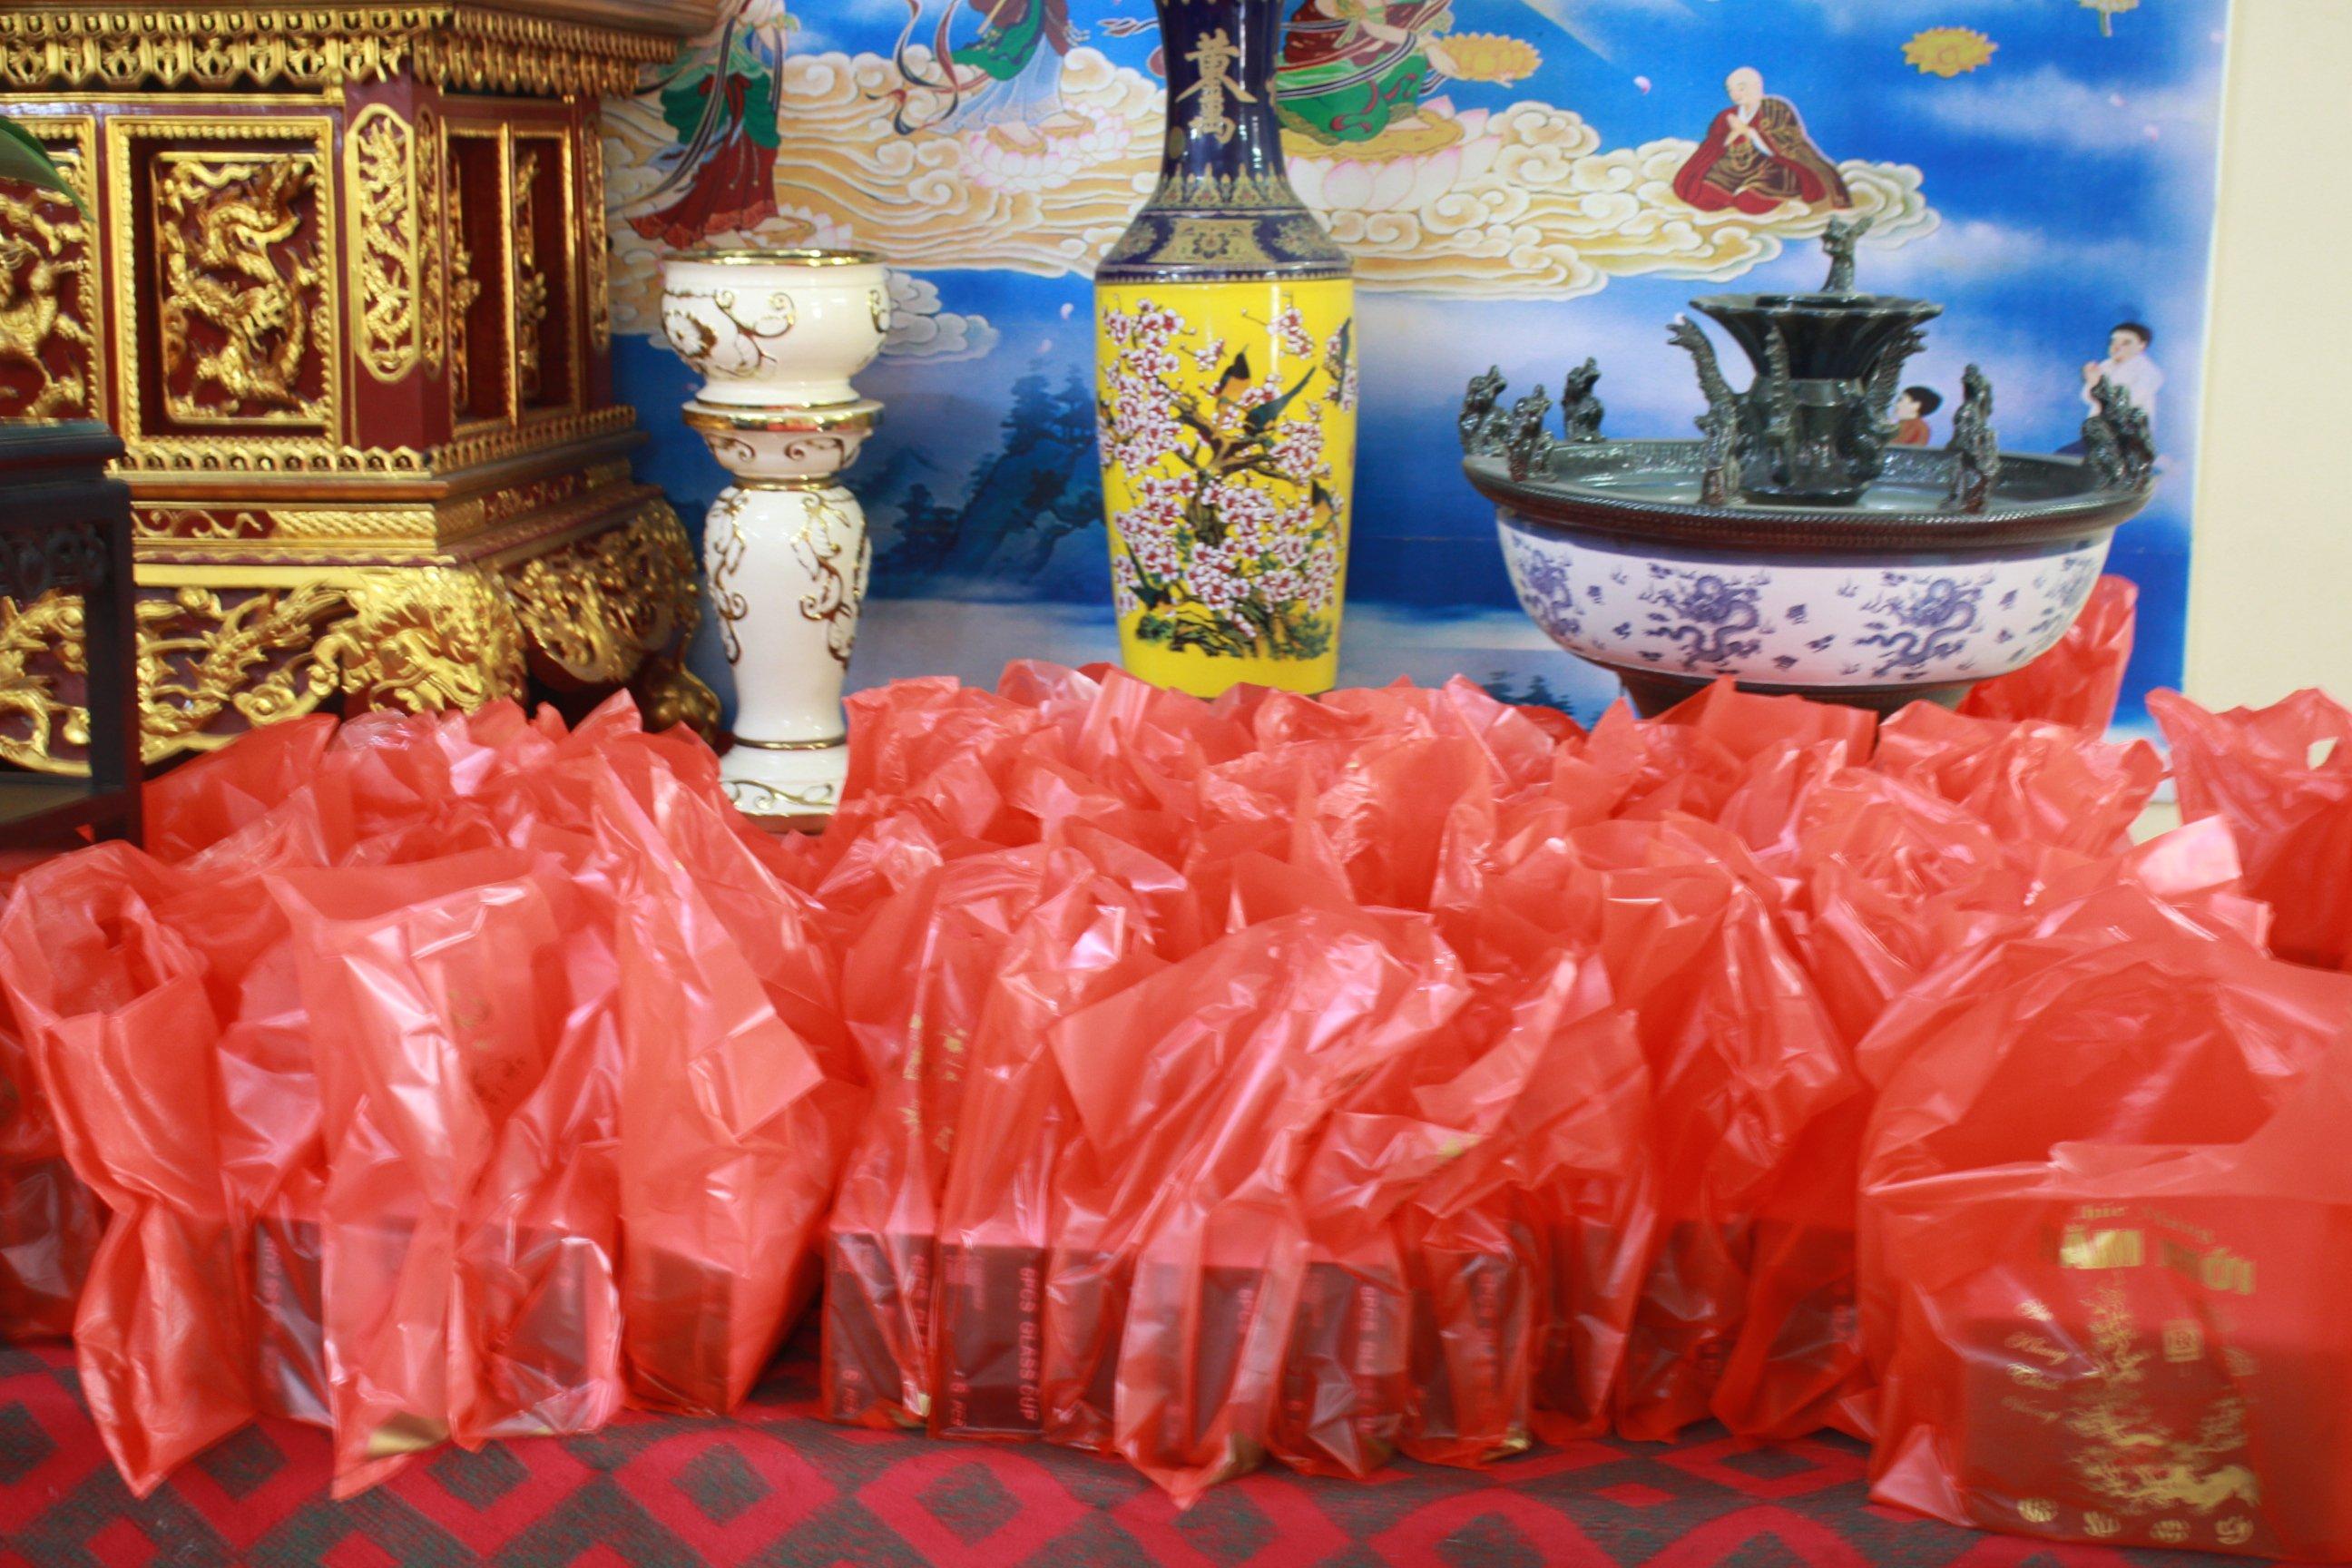 phat-giao-huyen-tien-lang-tang-qua-tet-cho-nguoi-ngheo-nhan-dip-tet-nguyen-dan (1)